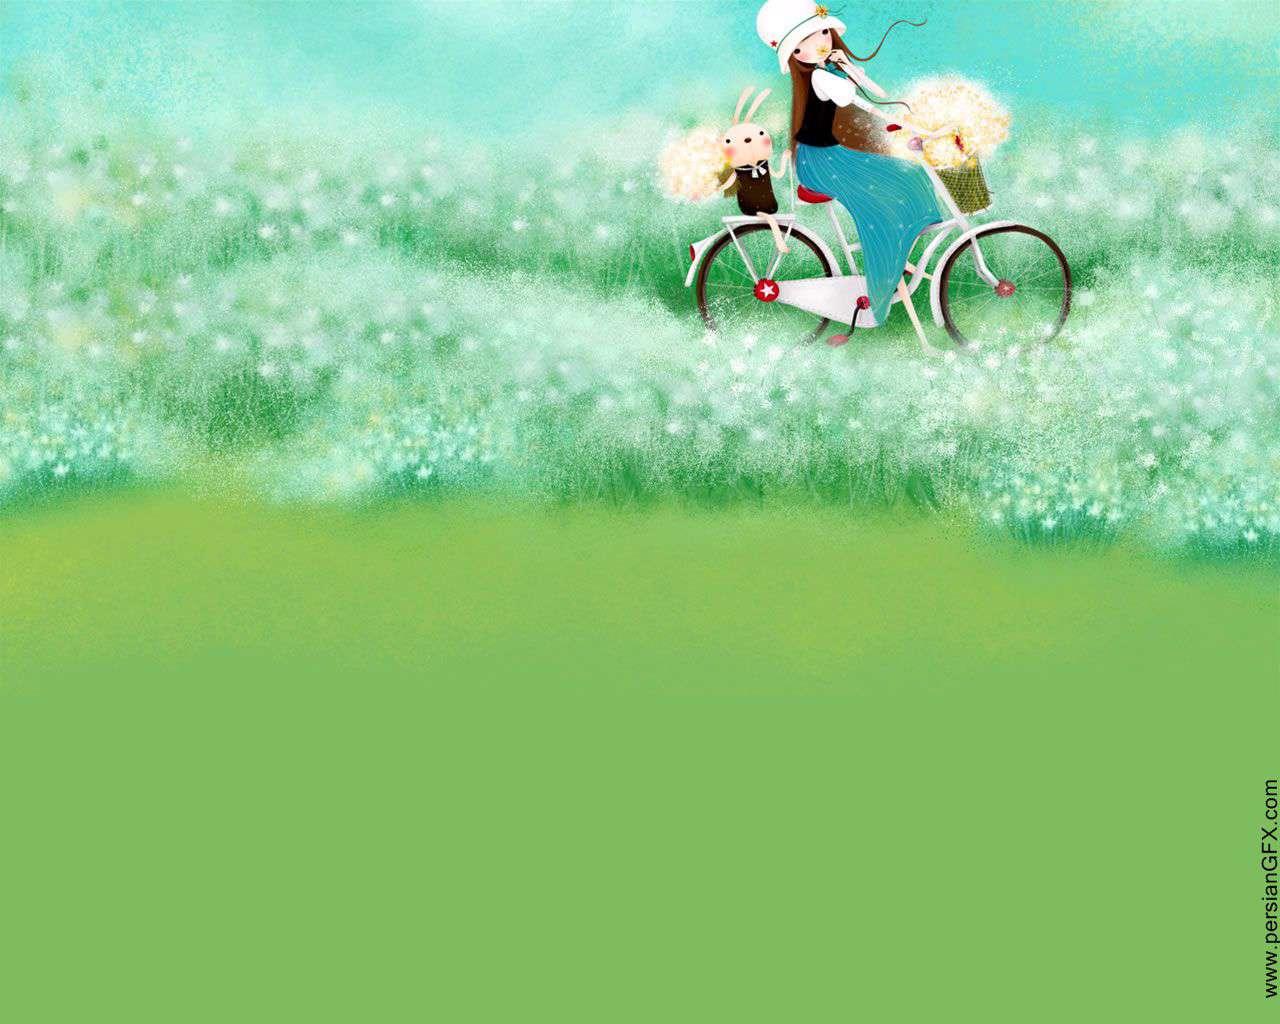 عکس نقاشی منظره کودکانه